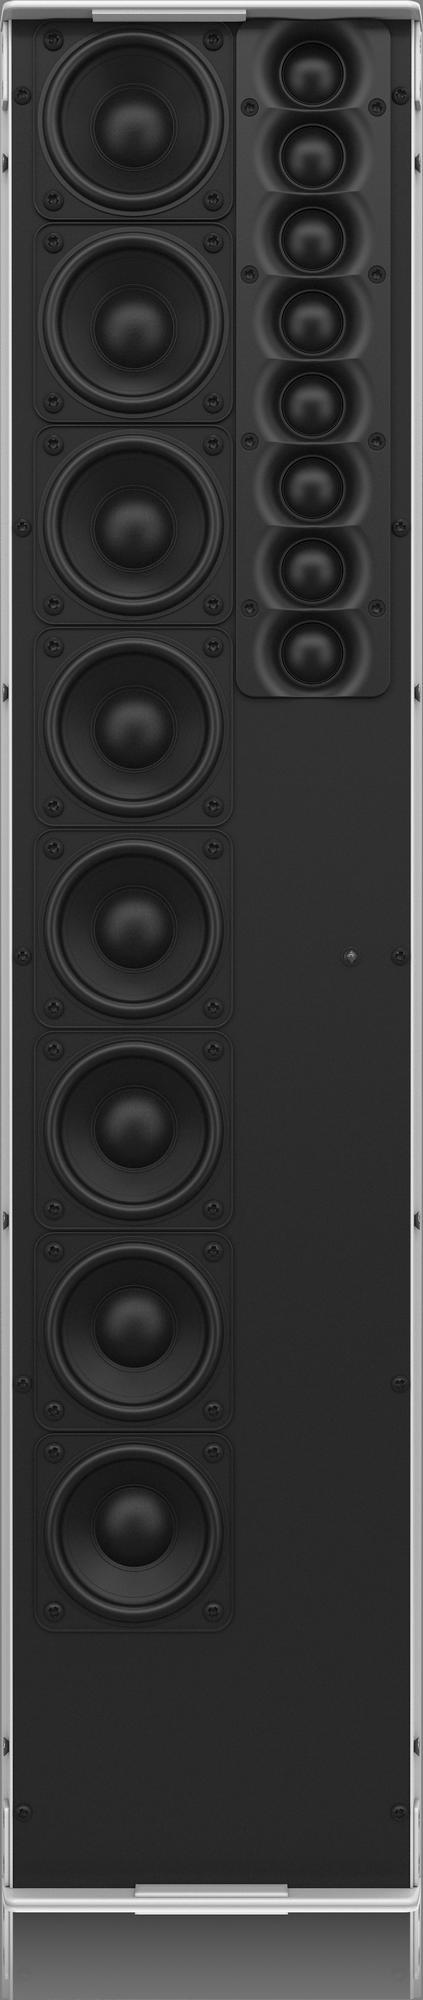 Tannoy  QFLEX 16 - Install speaker